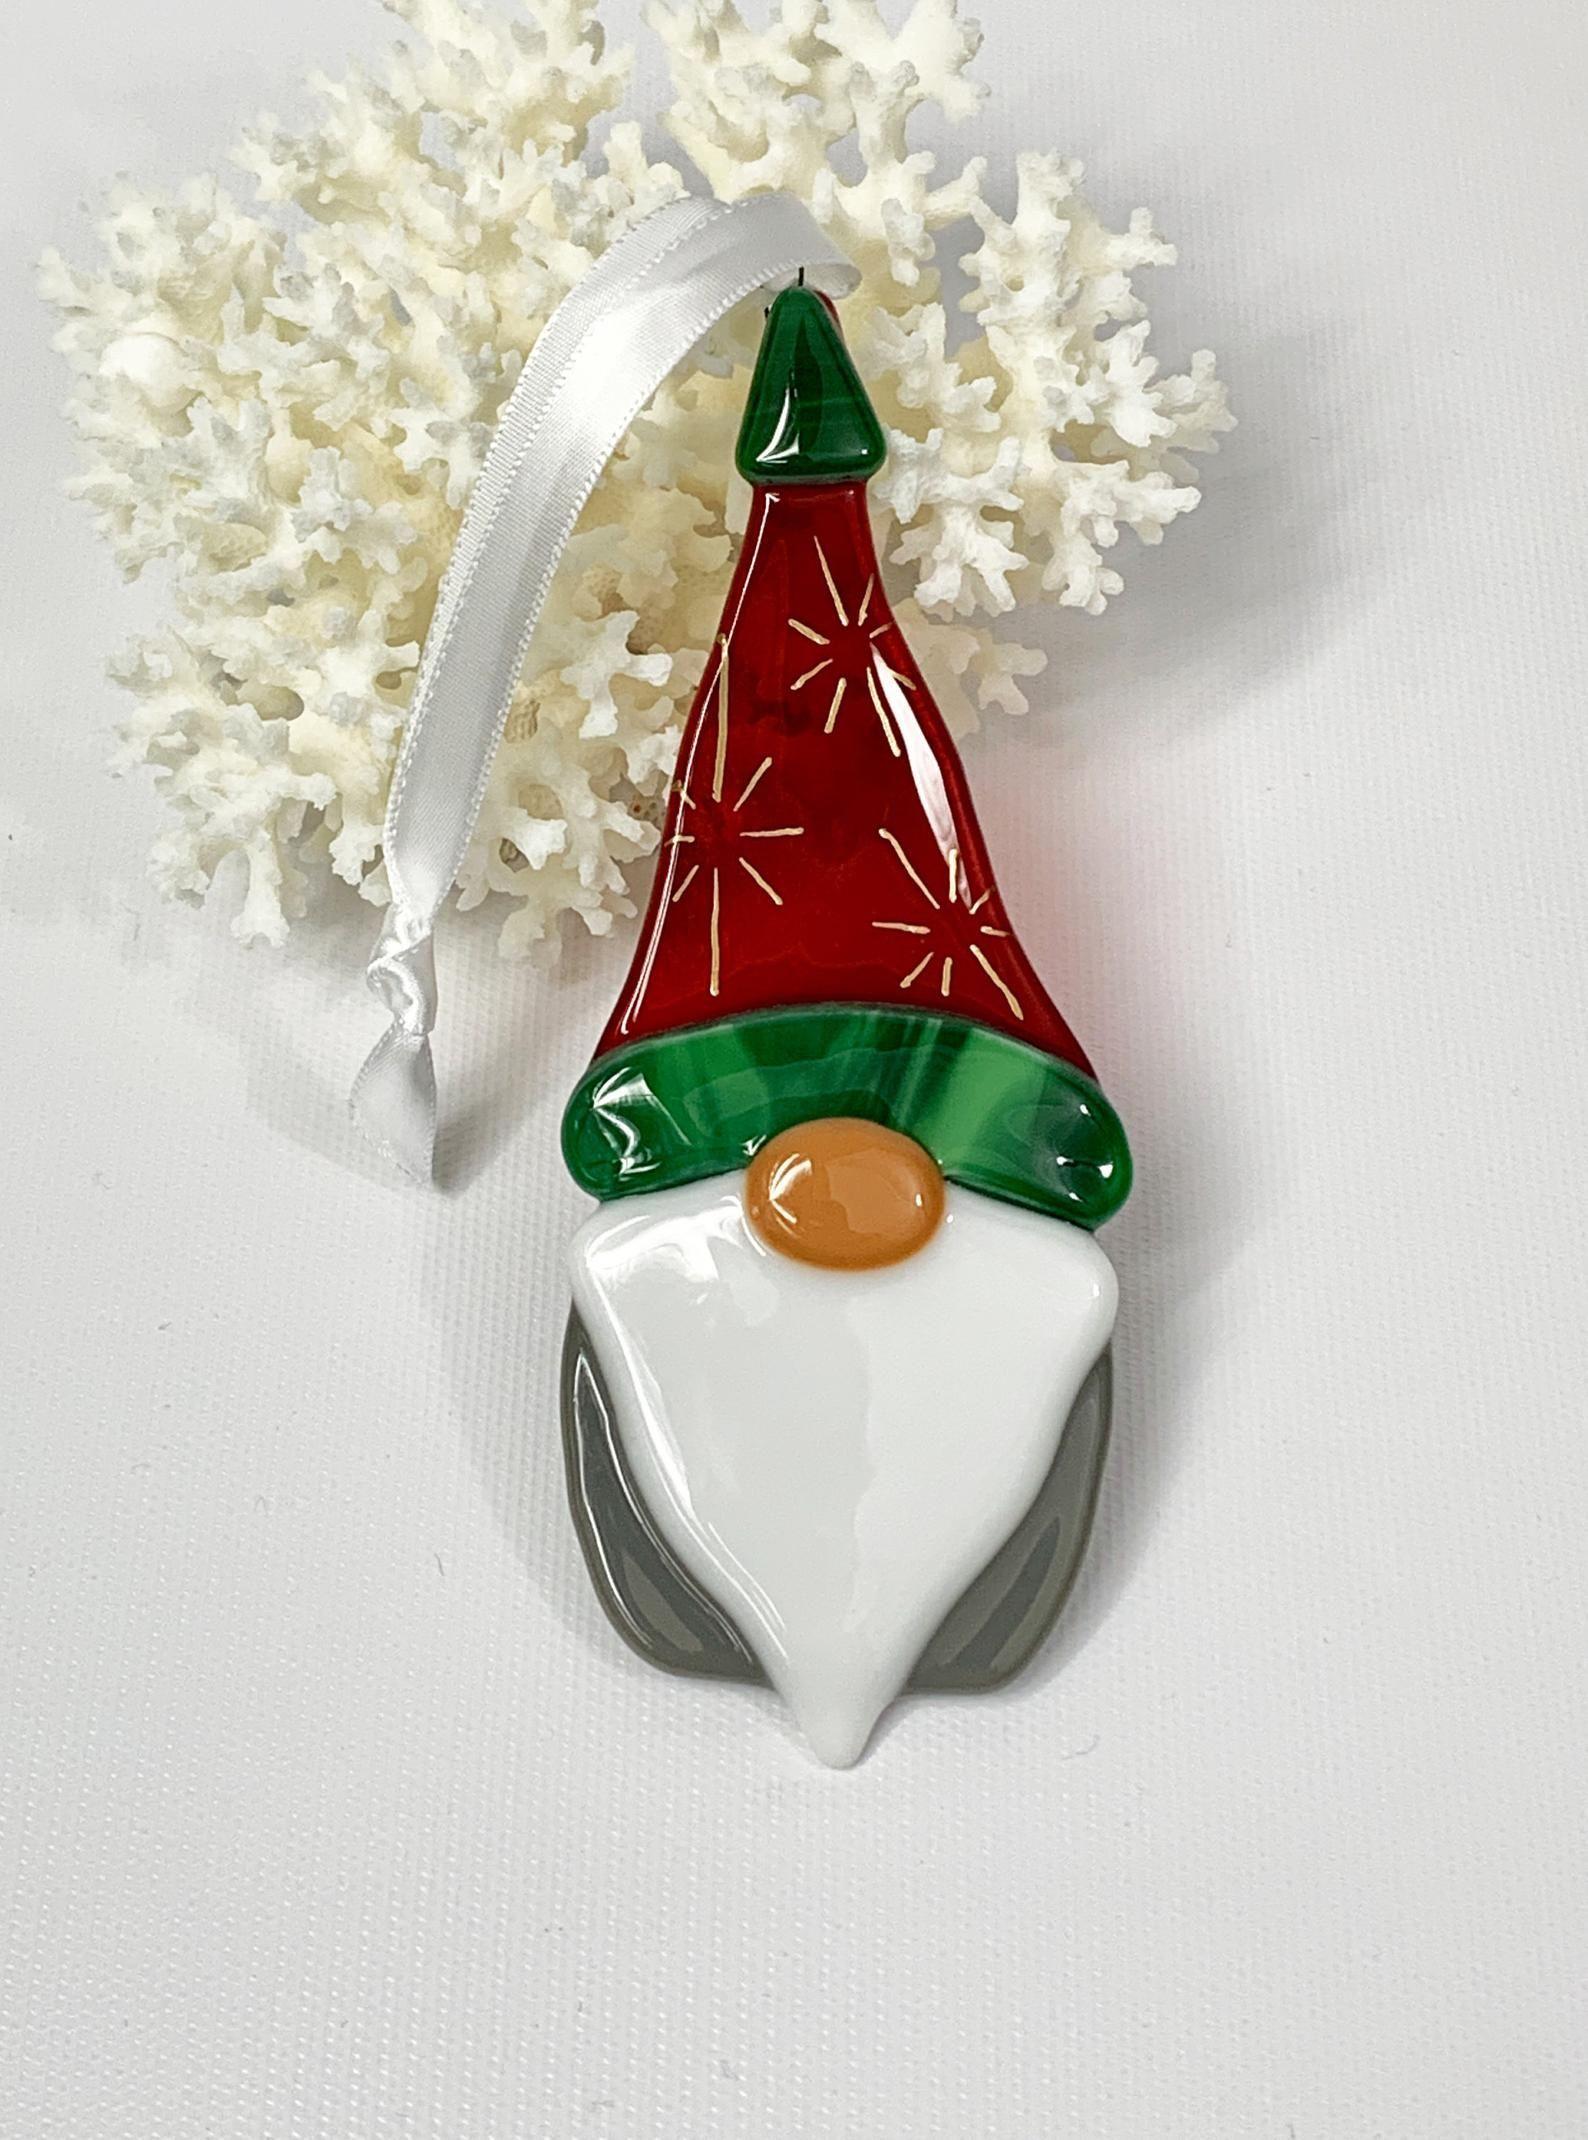 ✔ Christmas Tree Inspiration Green #merrychristmas #christmasmood #snow